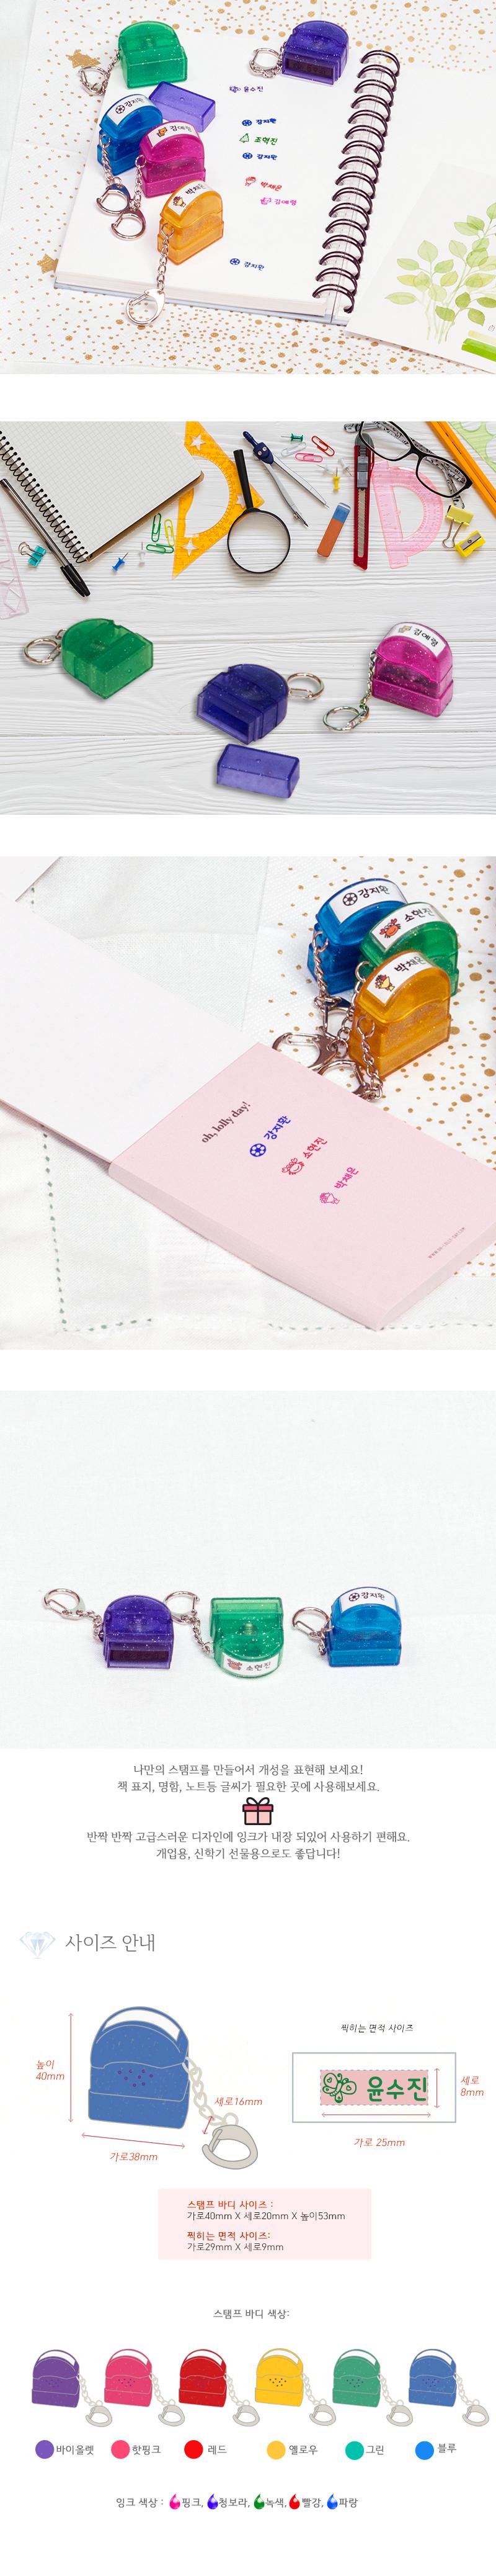 만년스탬프 스템프  411.꼬꼬마 네임스탬프 예쁜도장 - 키즈네임, 5,900원, 스탬프, 주문제작스탬프